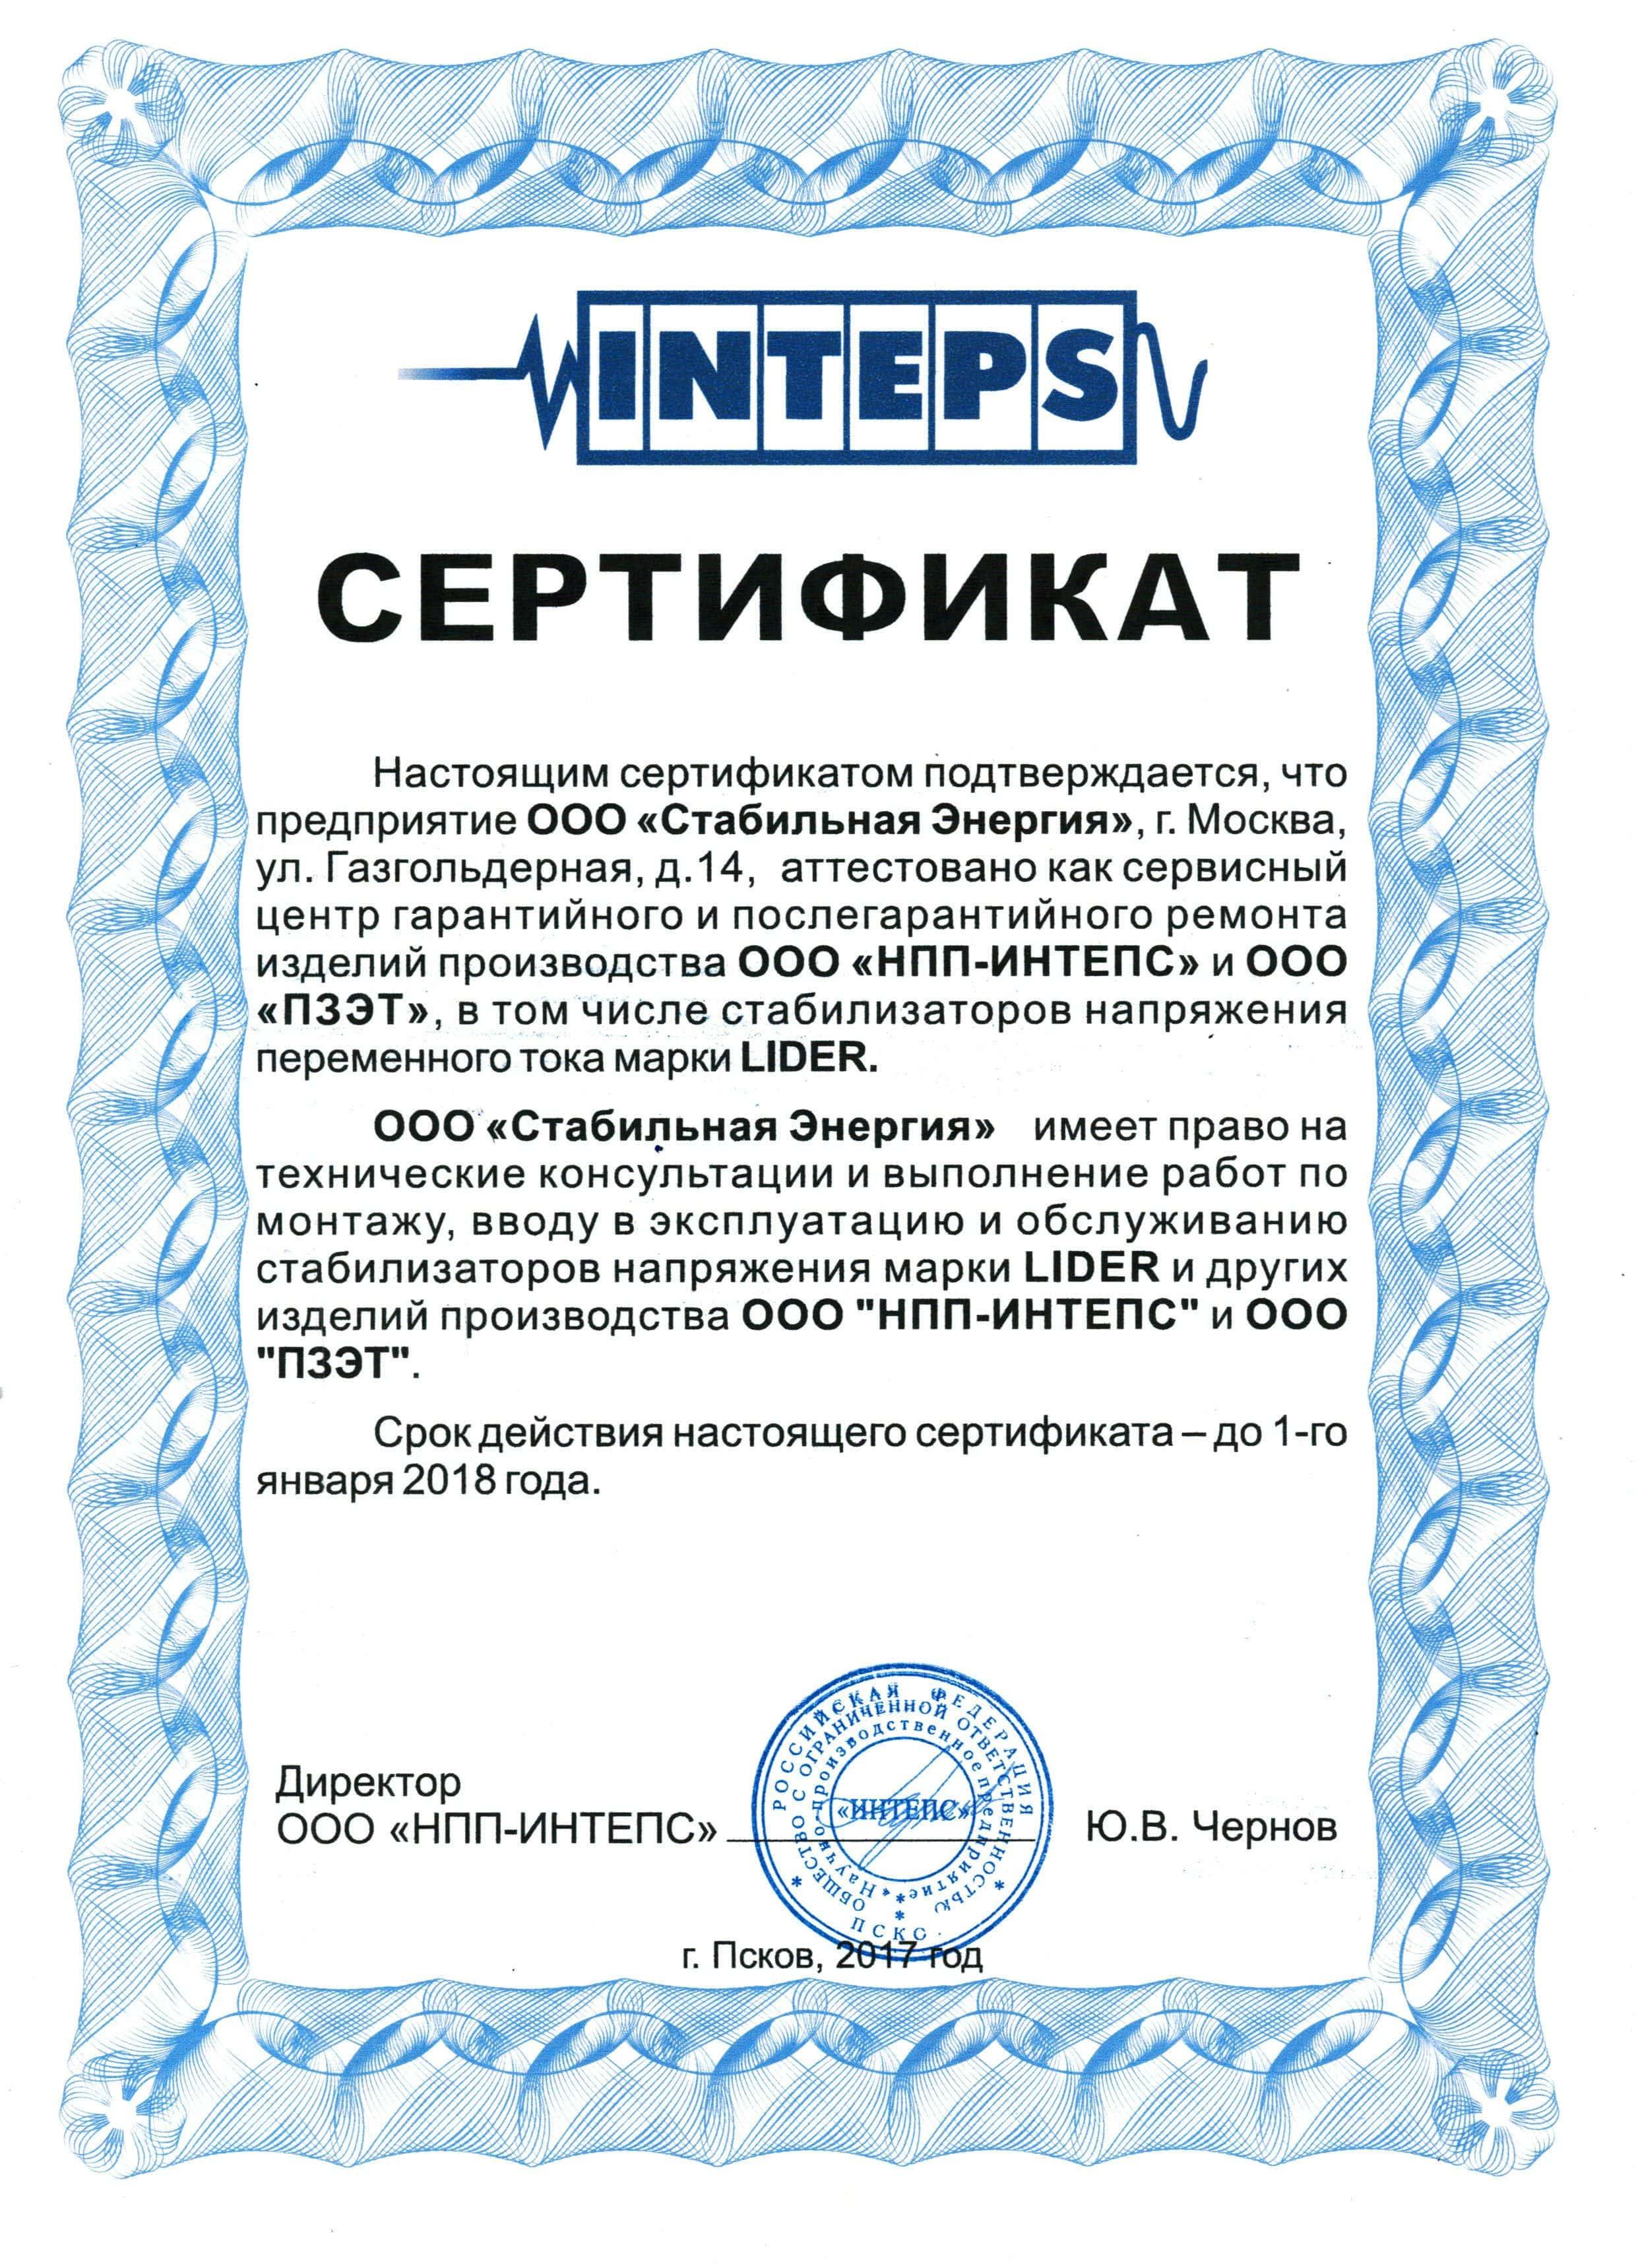 Сертификат сервисного центра по ЛИДЕР ООО Стабильная Энергия